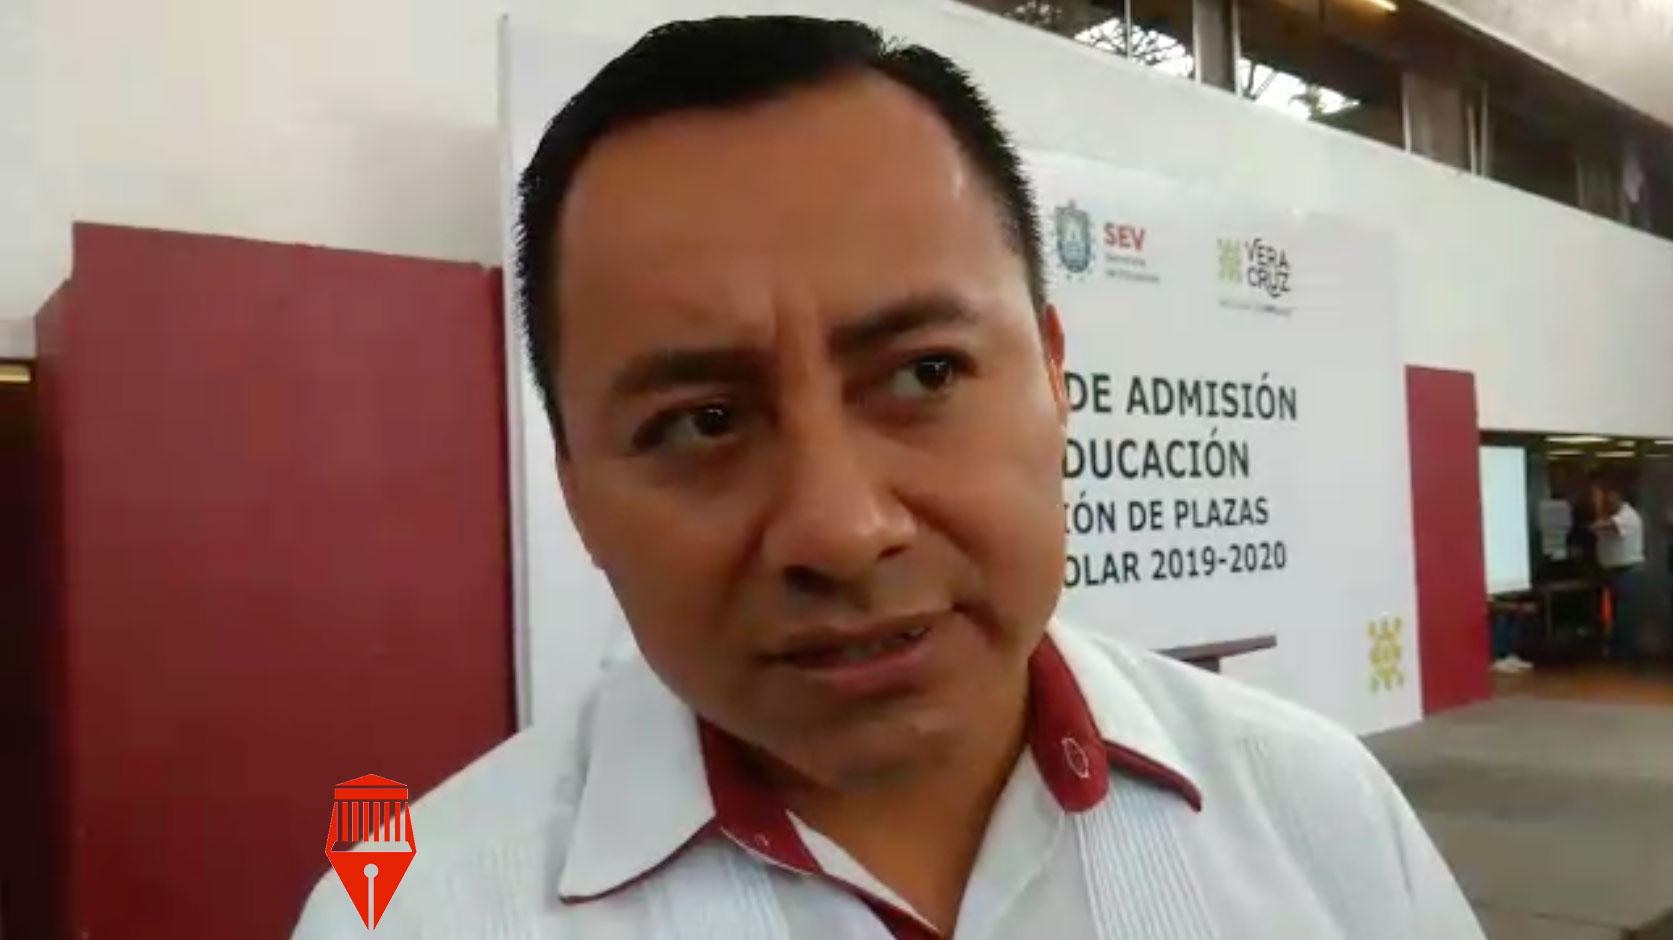 El subsecretario de Desarrollo Educativo de la Secretaría de Educación de Veracruz (SEV), Moisés Pérez Domínguez dio a conocer que aún faltan por entregarse libros de texto gratuito en escuelas del estado.